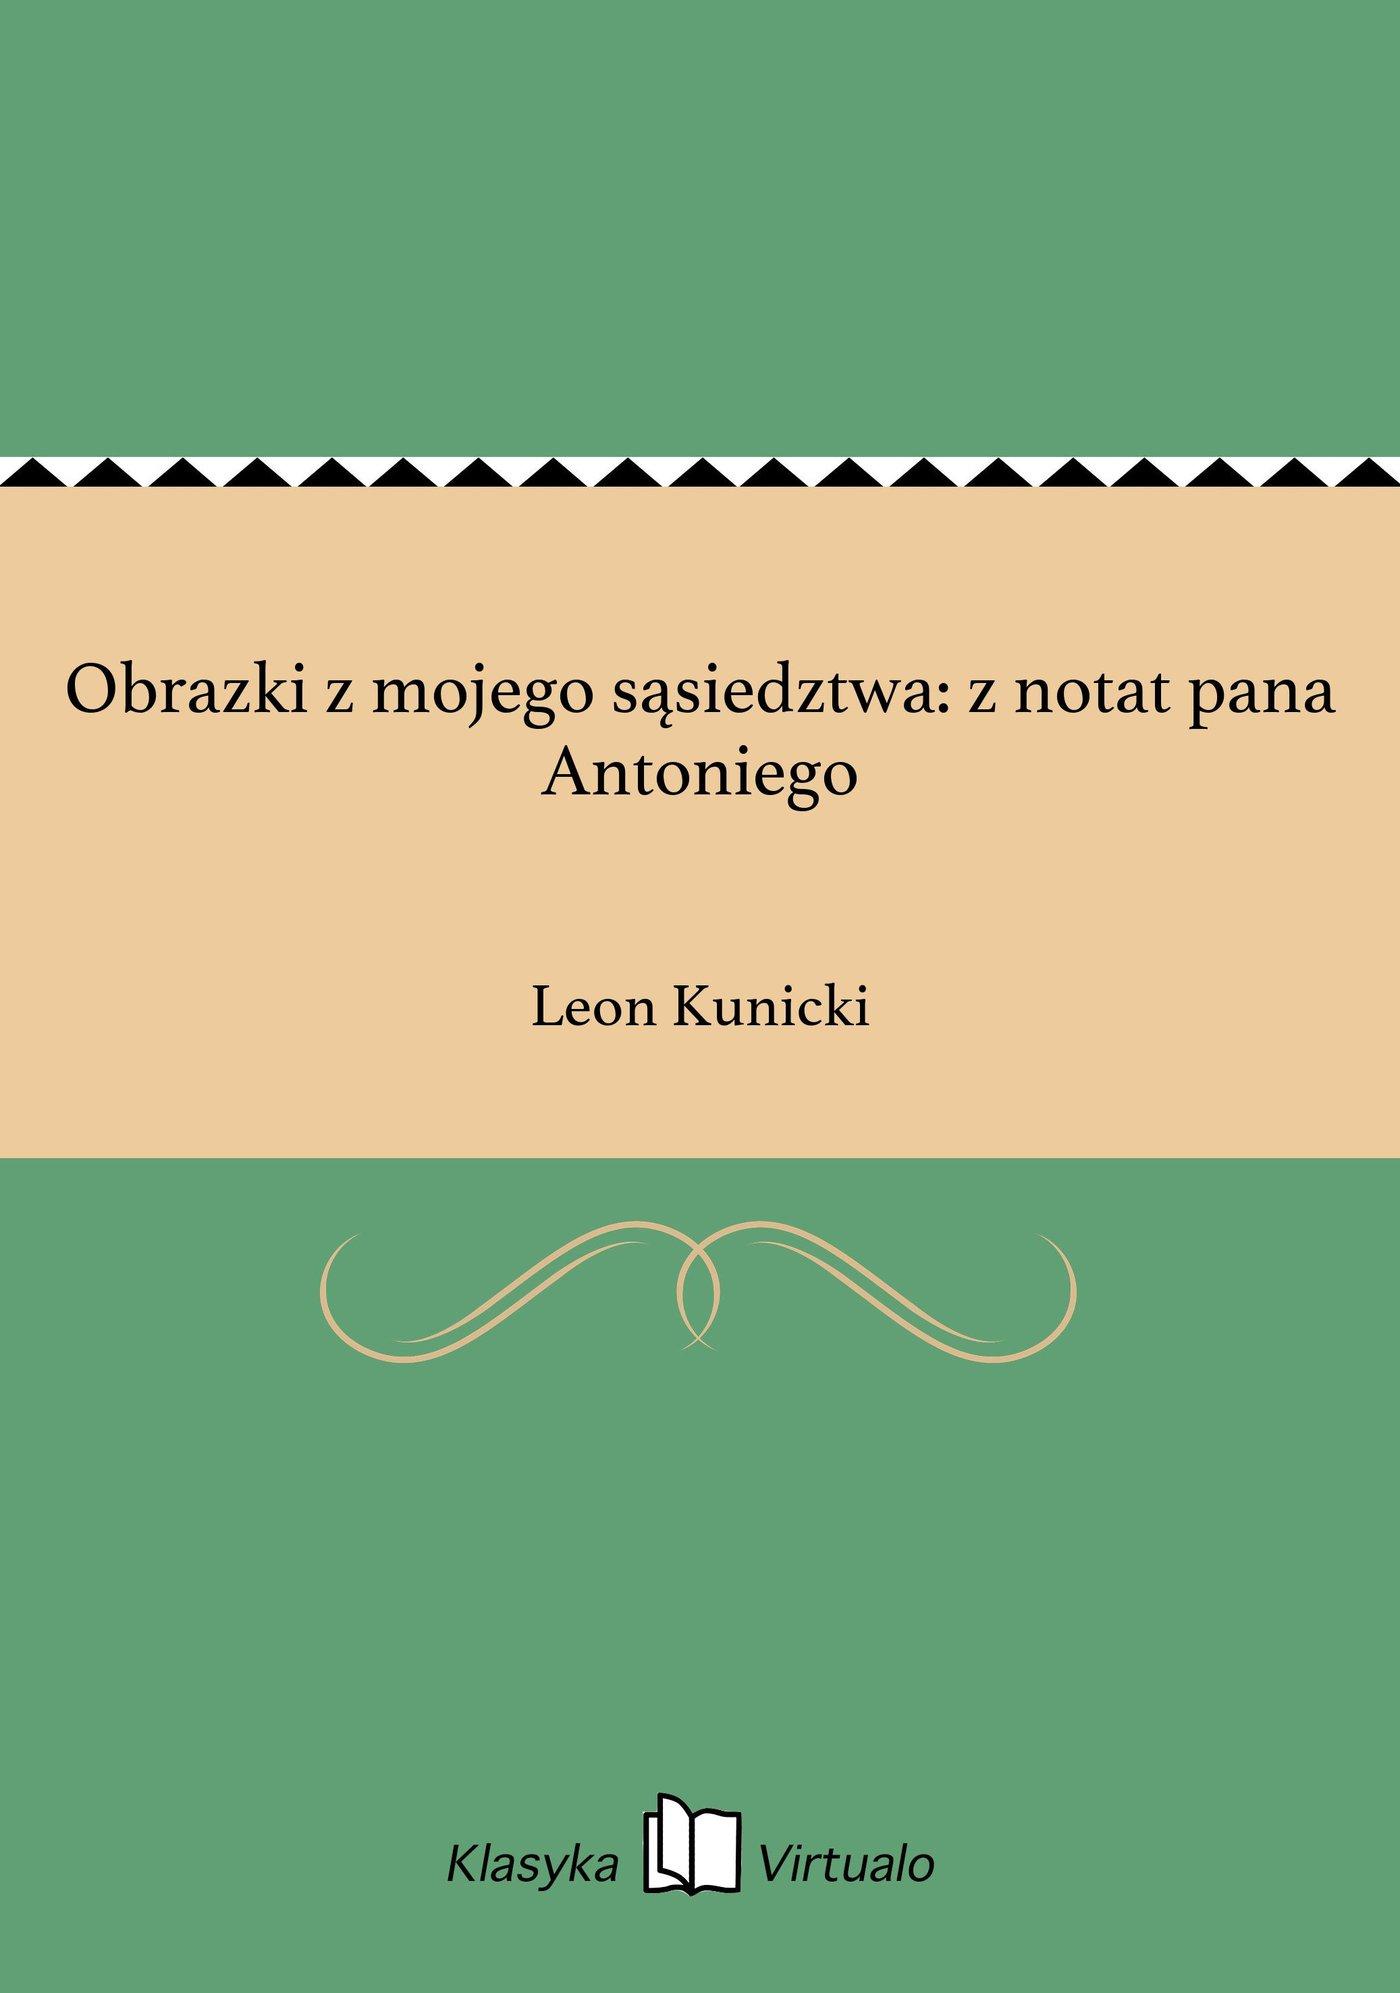 Obrazki z mojego sąsiedztwa: z notat pana Antoniego - Ebook (Książka EPUB) do pobrania w formacie EPUB